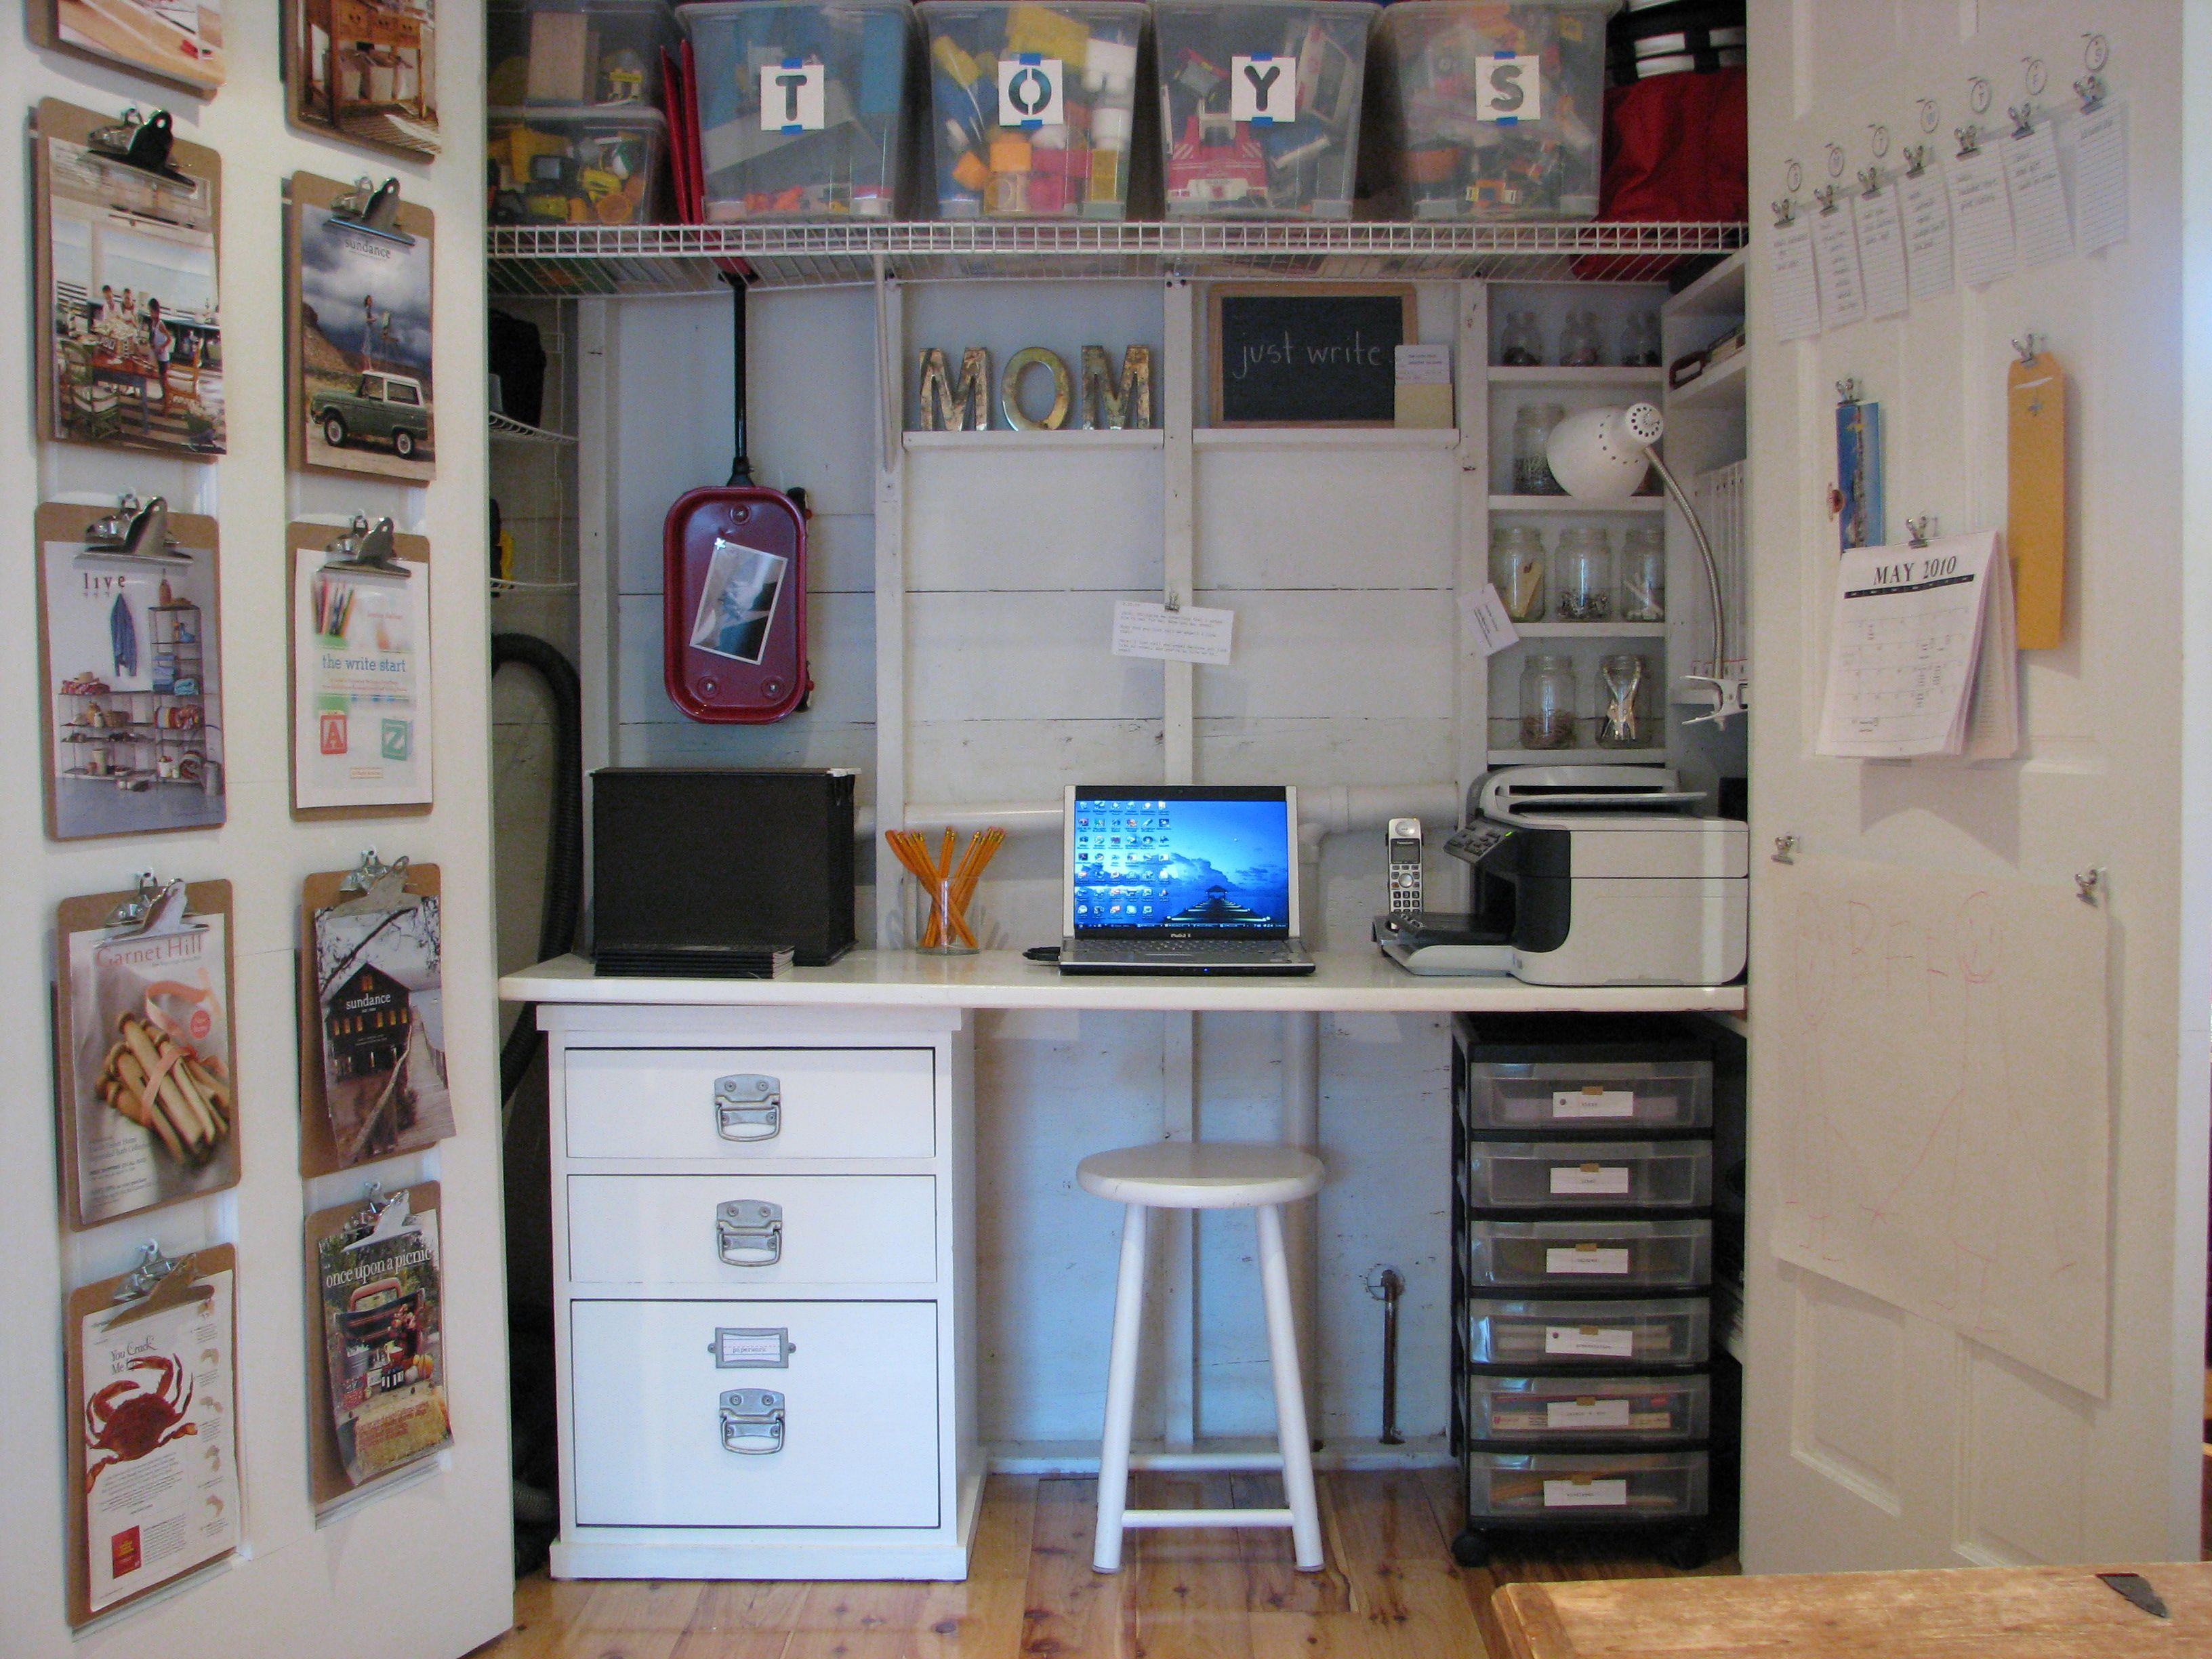 Cloffice Inspiration Closet Office Home Office Closet Closet Office Closet Office Organization